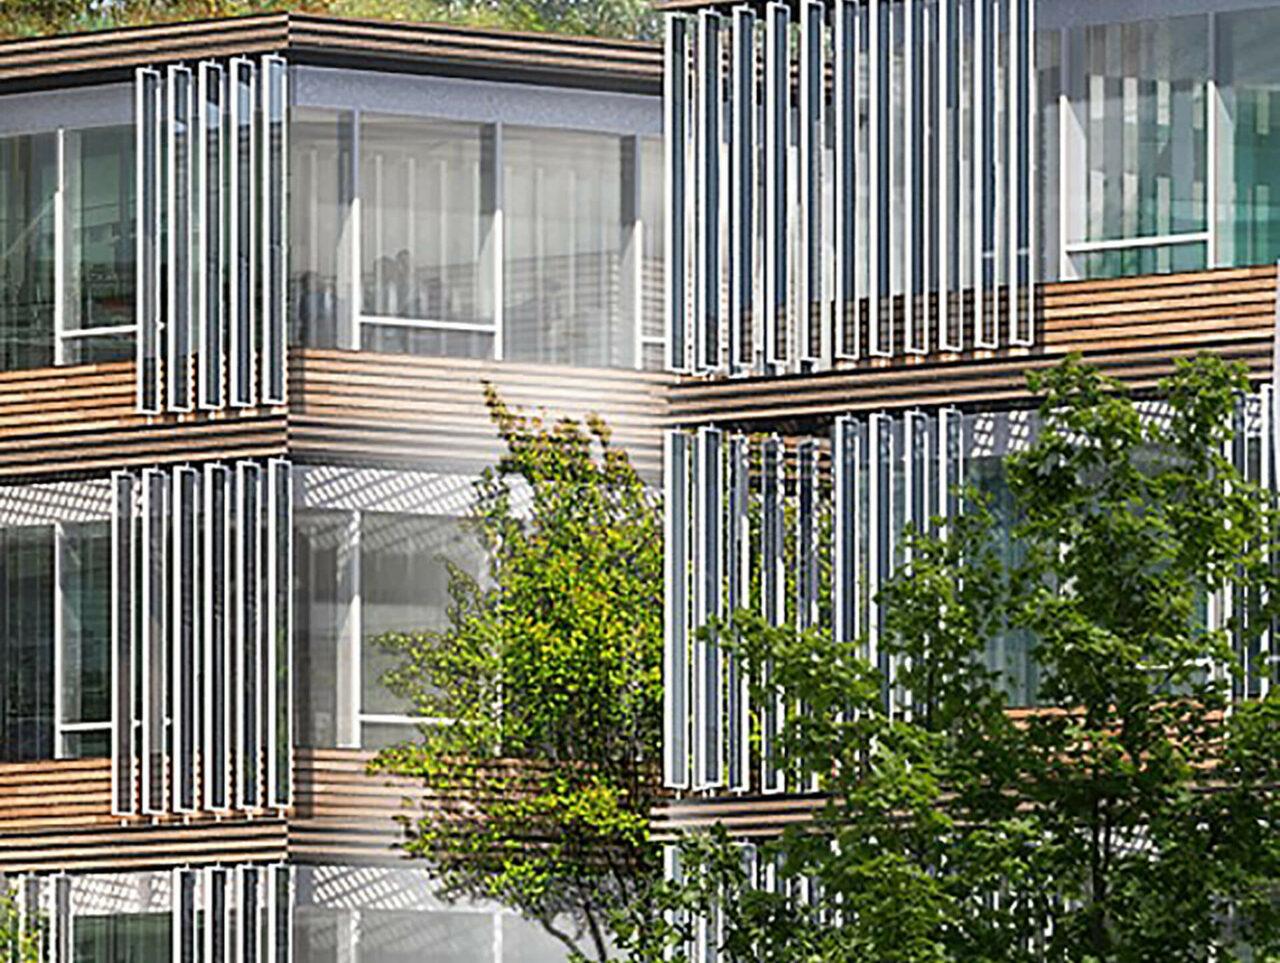 Neubau Landratsamt Dachau Bauen im Bestand Kommunikationszentrum Rendering Fenster